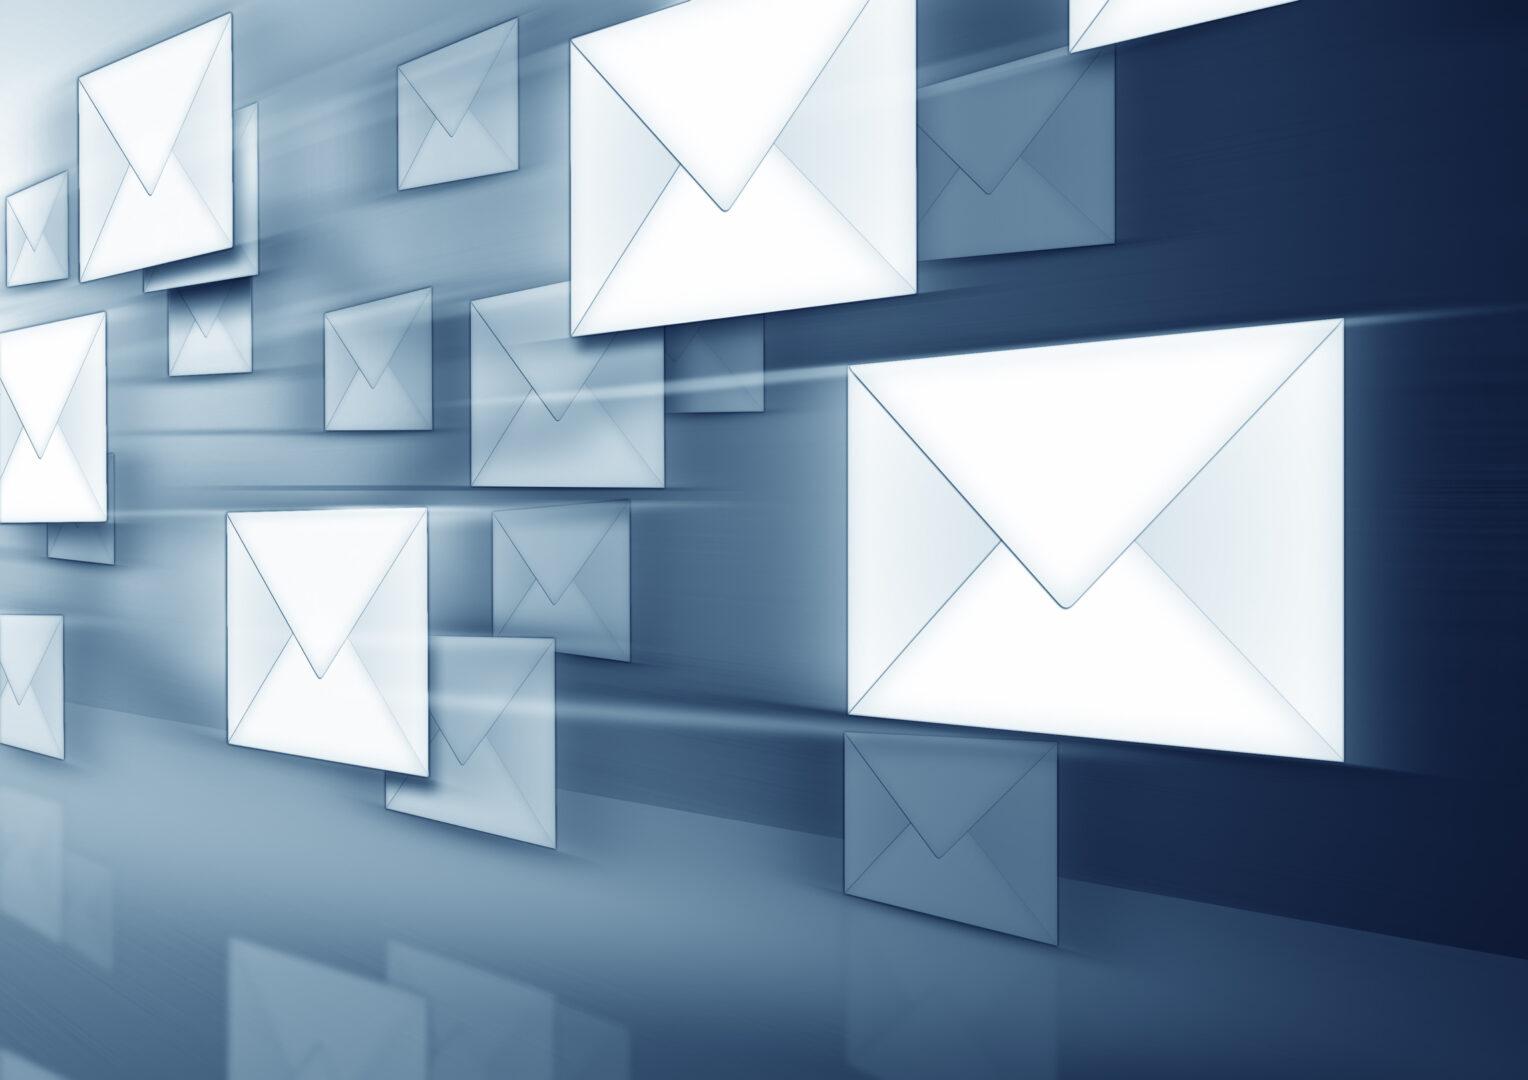 Effiziente Mail-Kommunikation mit Exchange Online & Co.